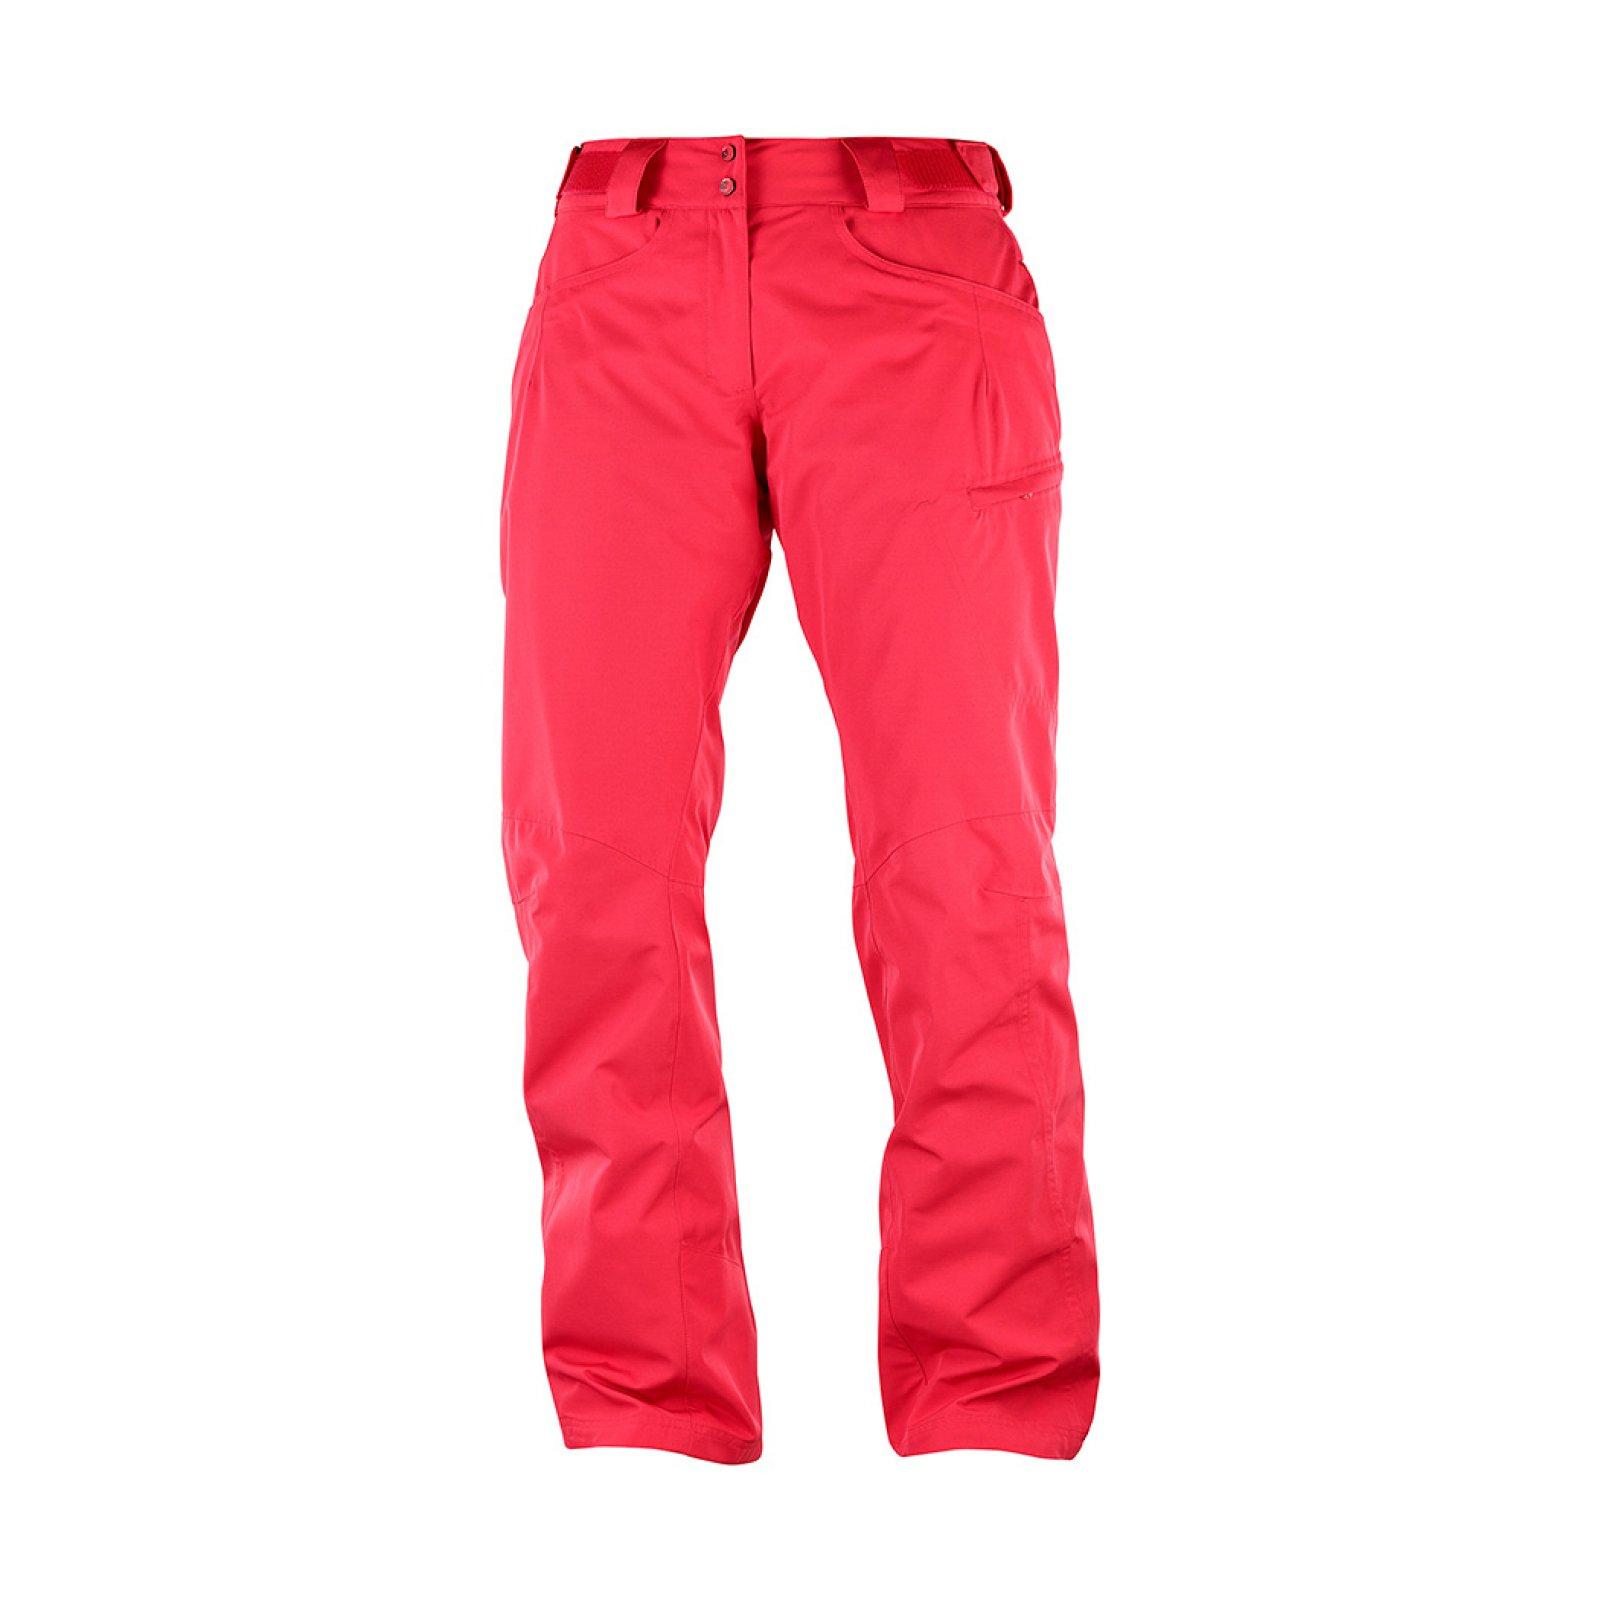 Lyžařské kalhoty Salomon Fantasy Pant W hibiscus heather L40367000 ... 95d83eb0aa